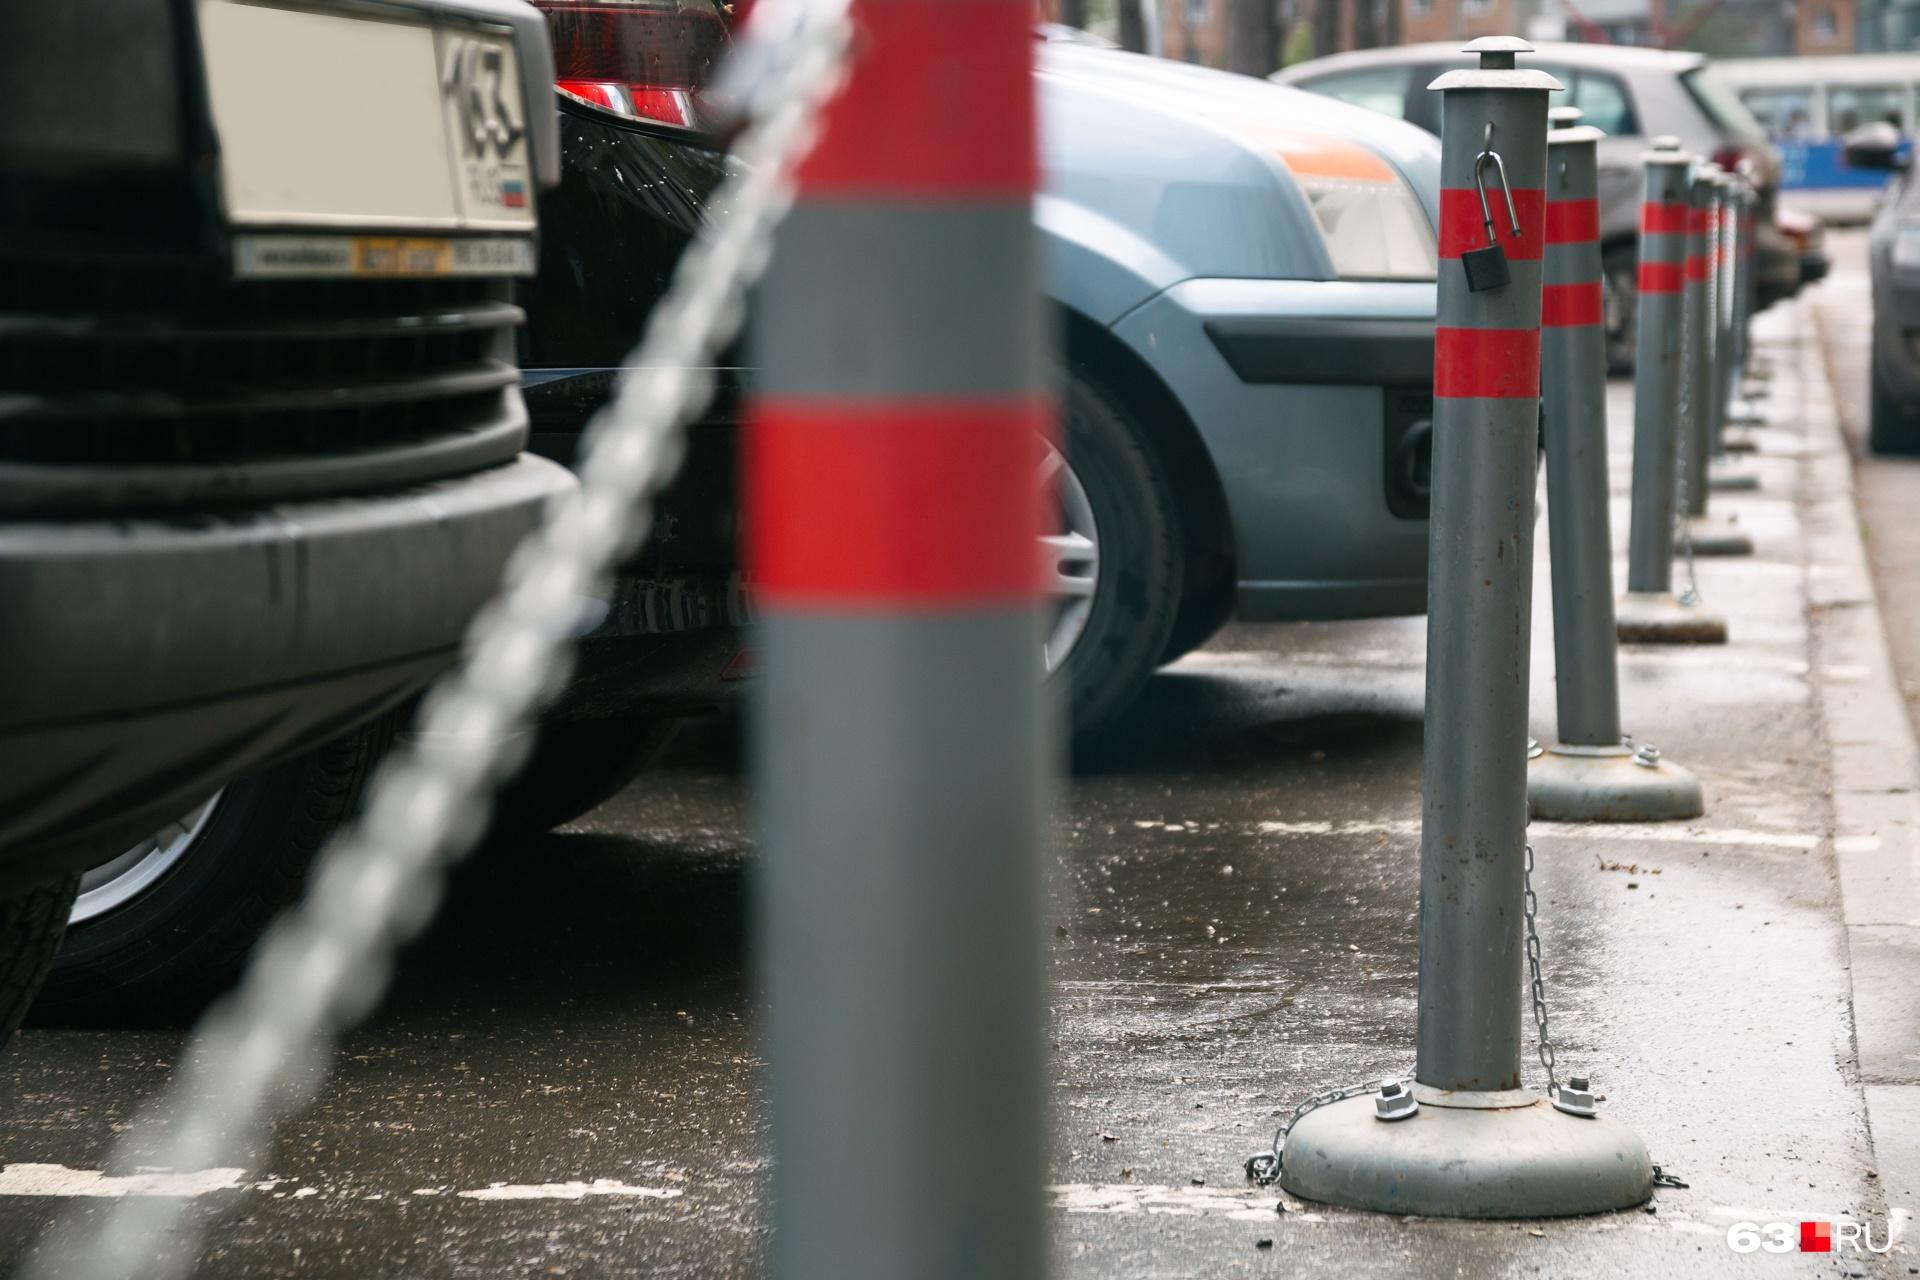 Чиновники хотят заработать на платных парковках по82 953 000 рублей в год